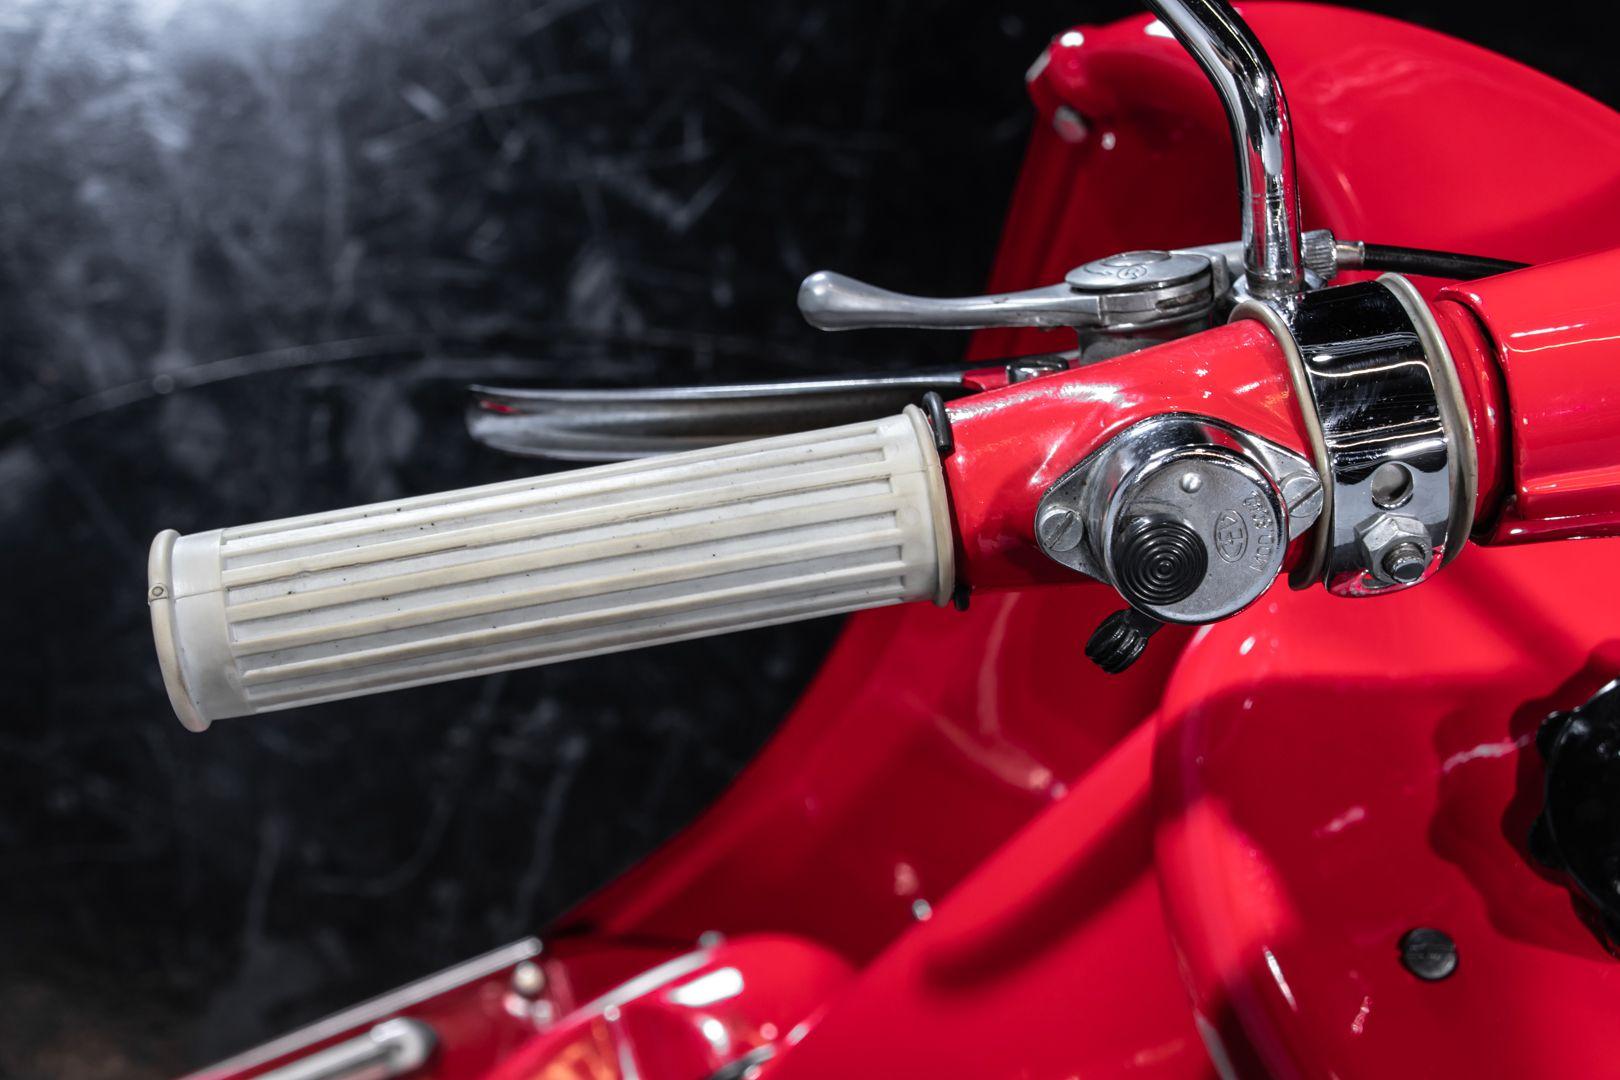 1963 Moto Guzzi Galletto 192 78292